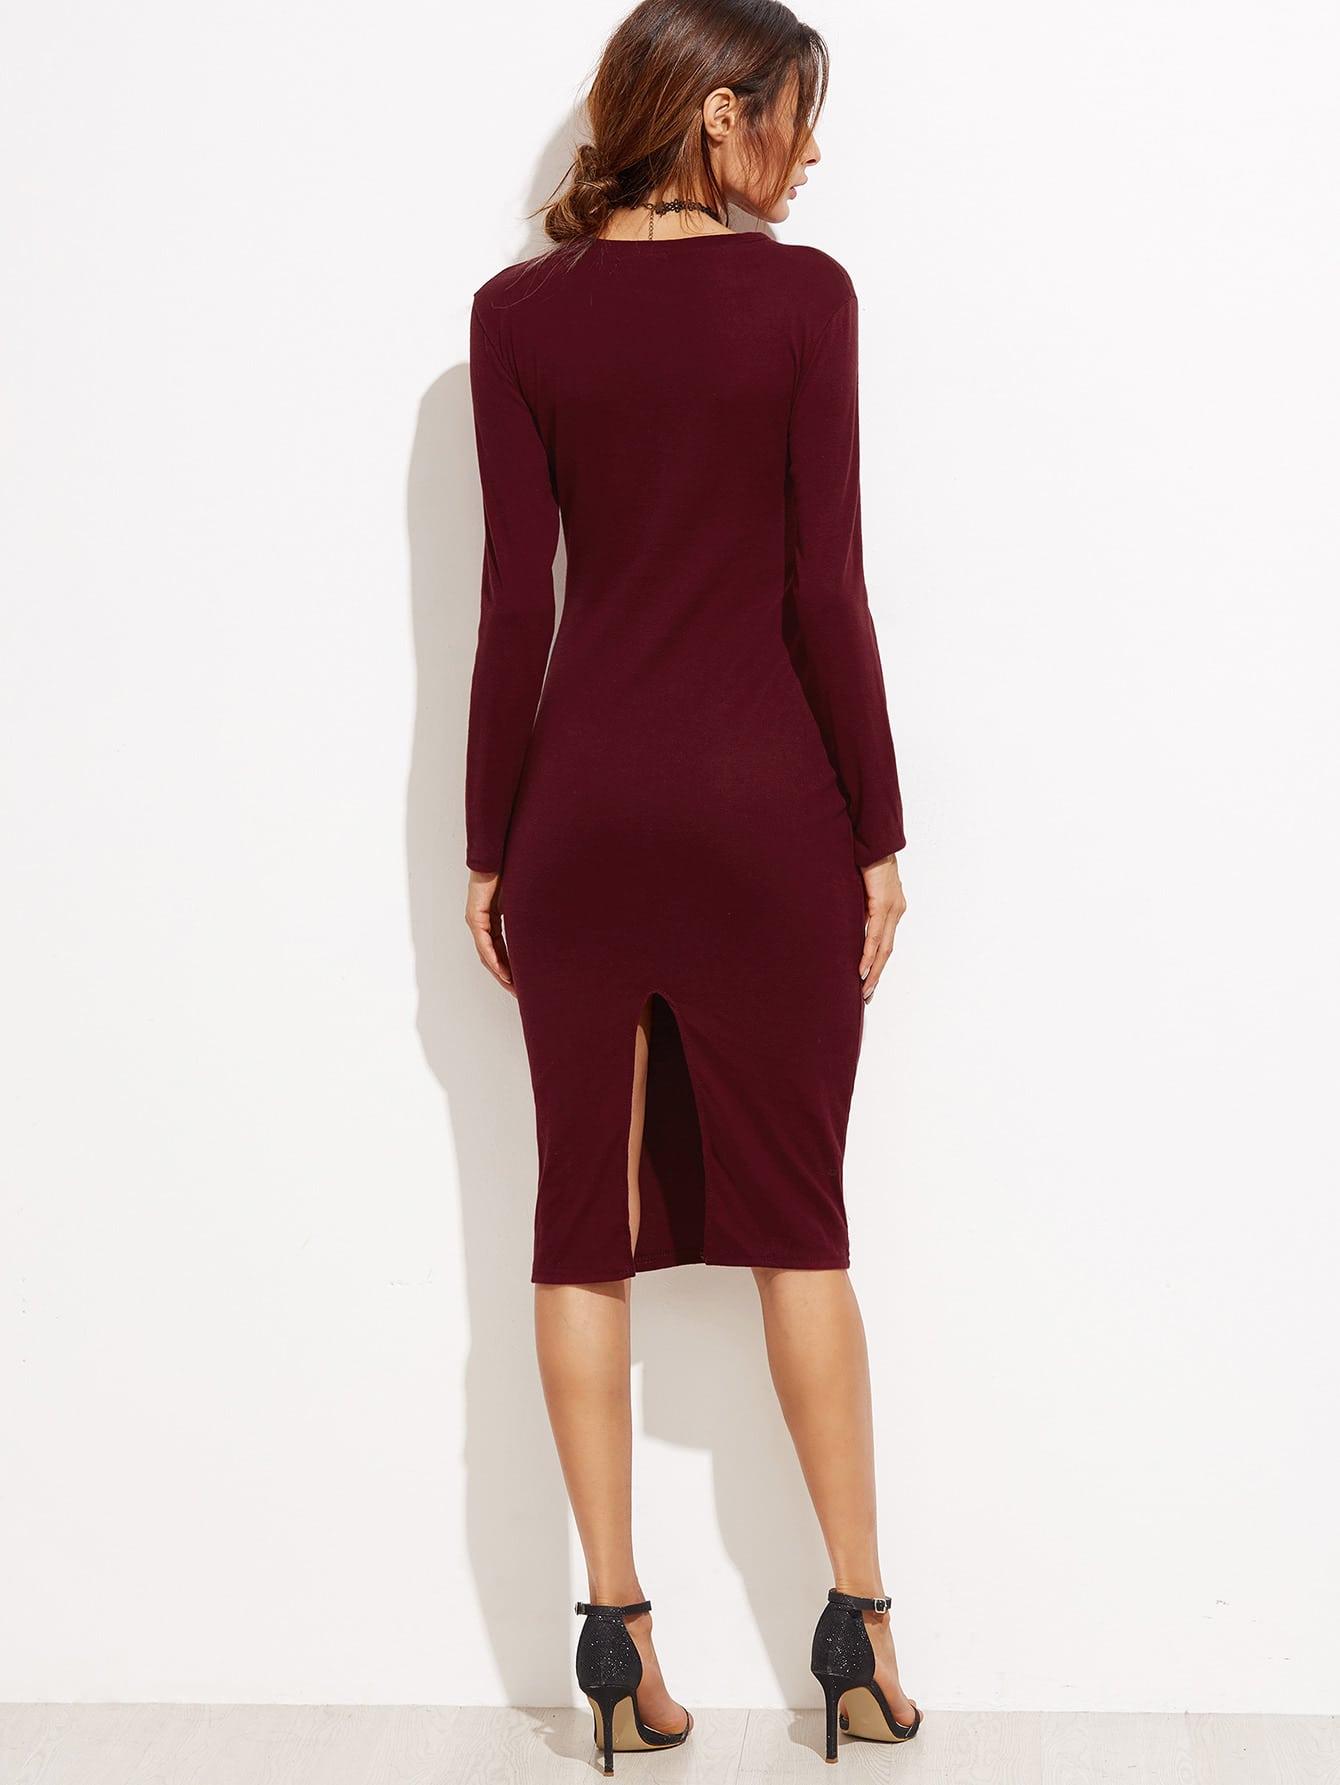 dress160915106_2